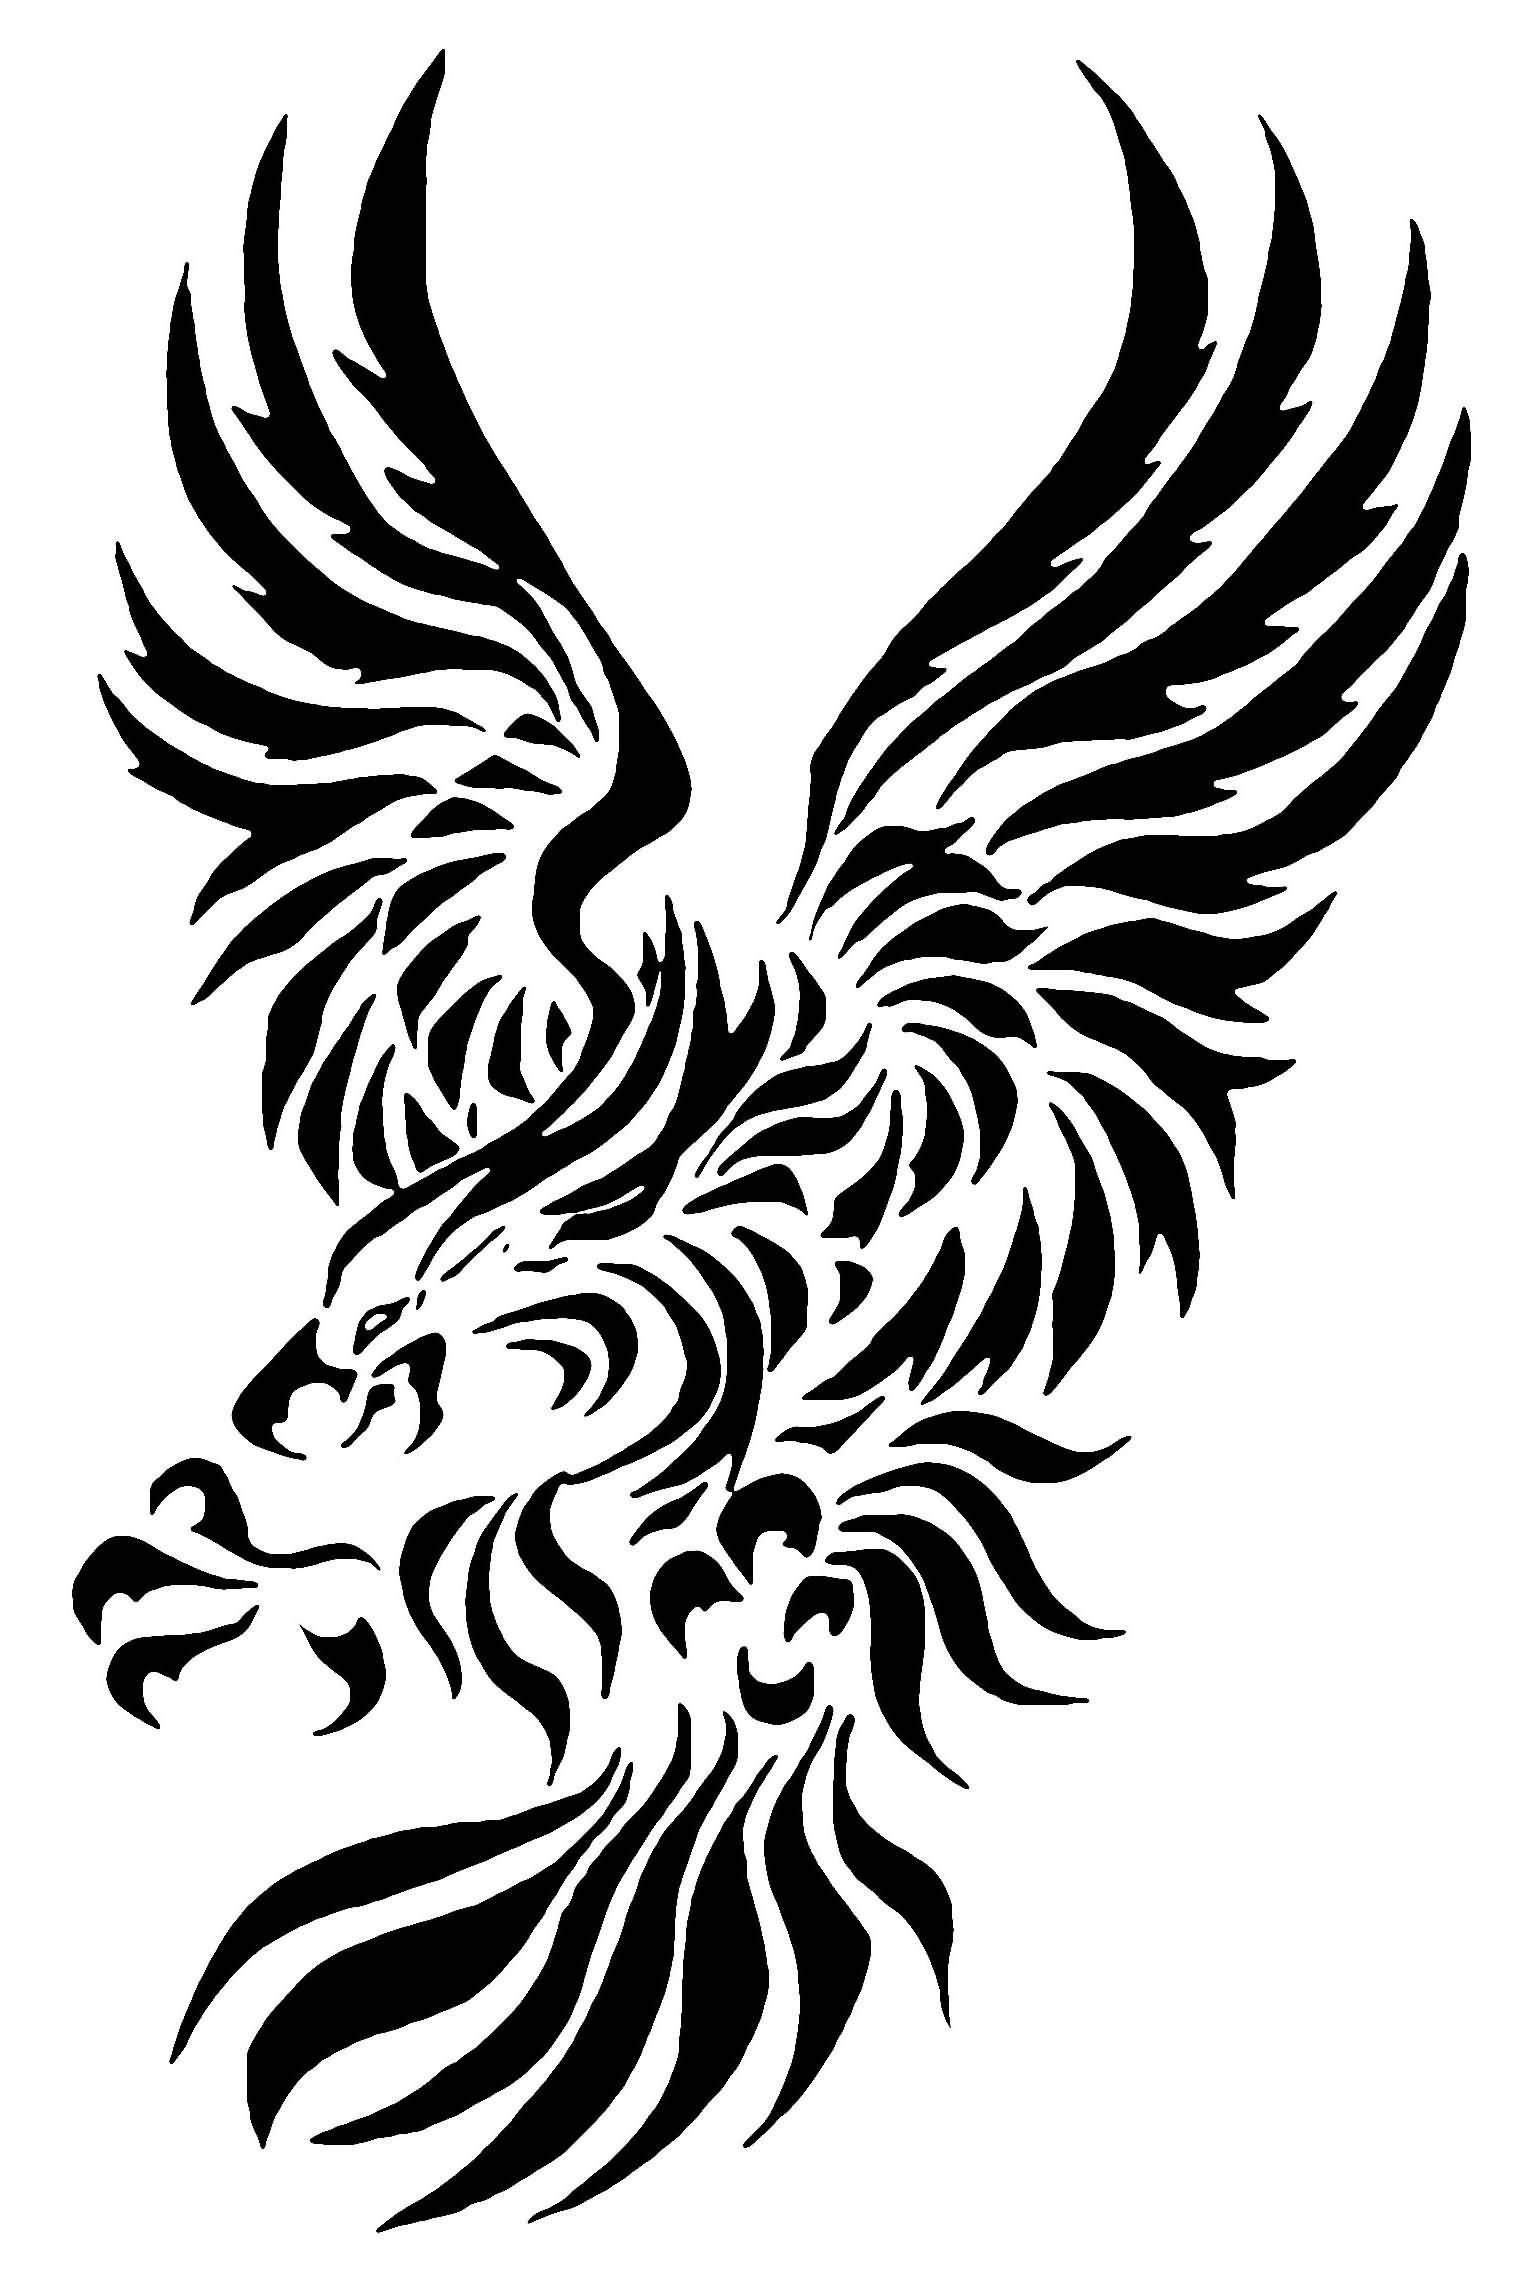 Black Ink Tribal Eagle Tattoo Design On Paper Tribal Eagle Tattoo Eagle Tattoo Eagle Tattoos